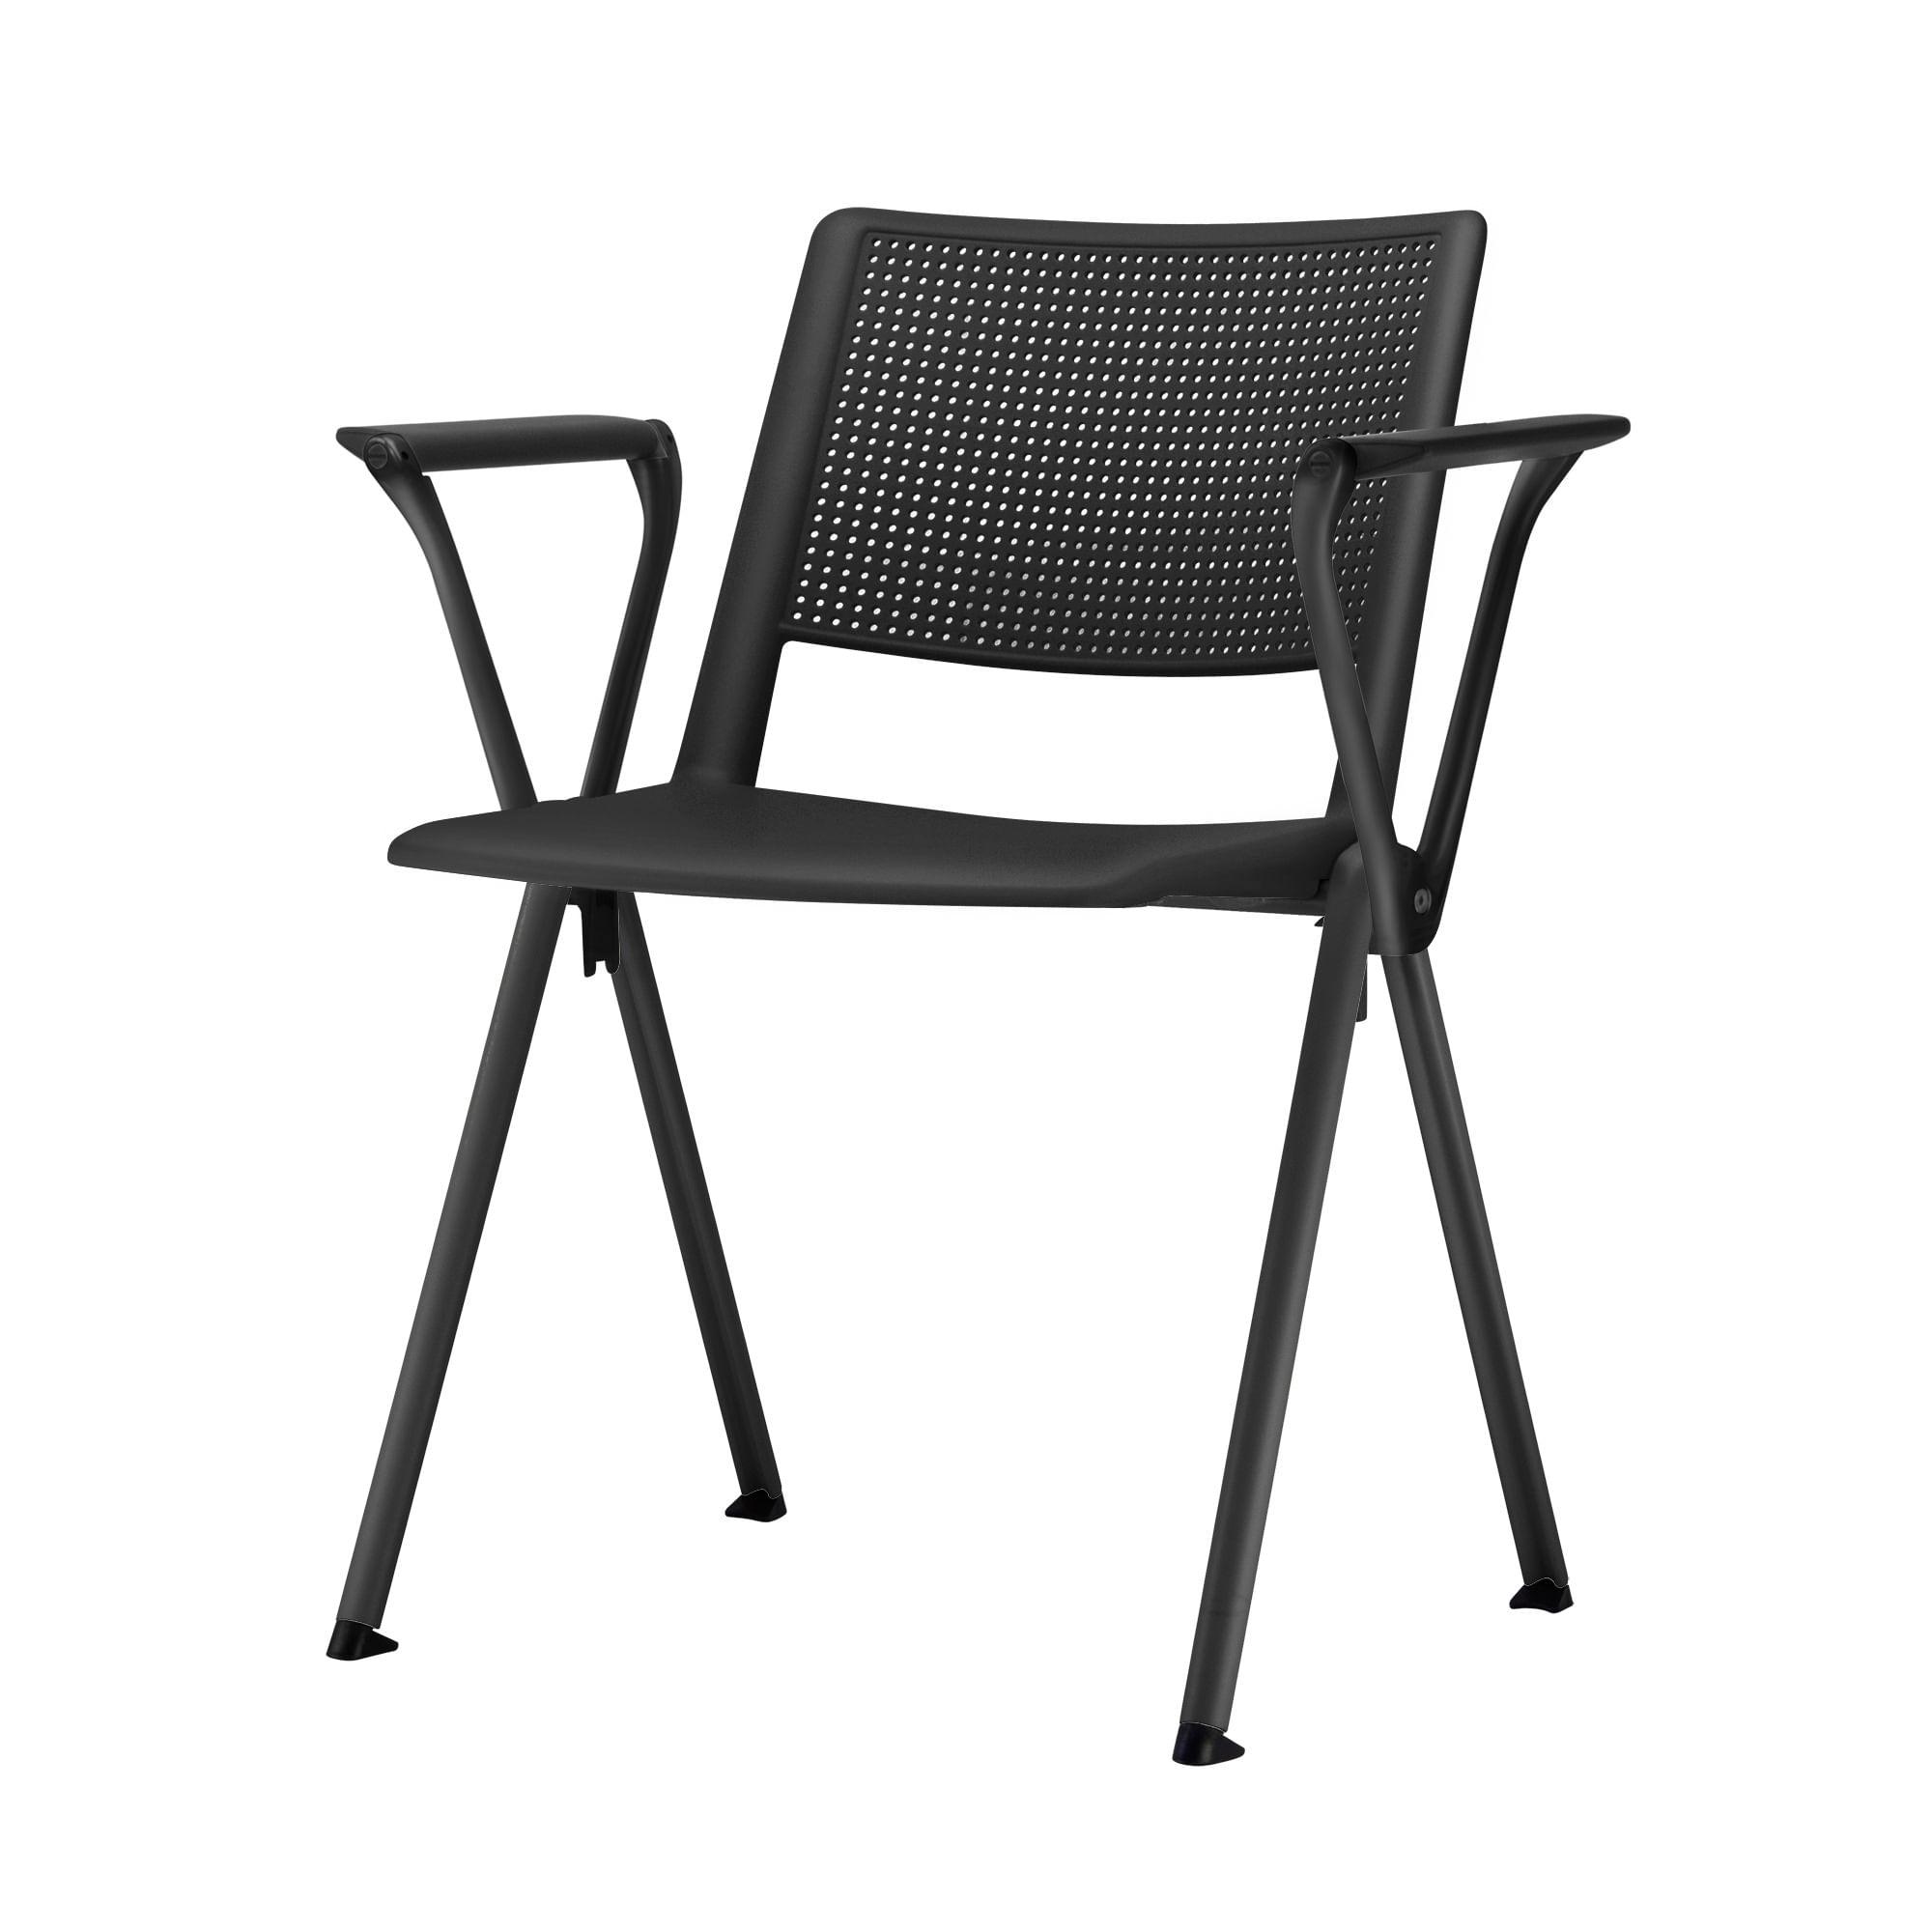 Kit 5 Cadeiras Up com Bracos Base Fixa Preta - 57835